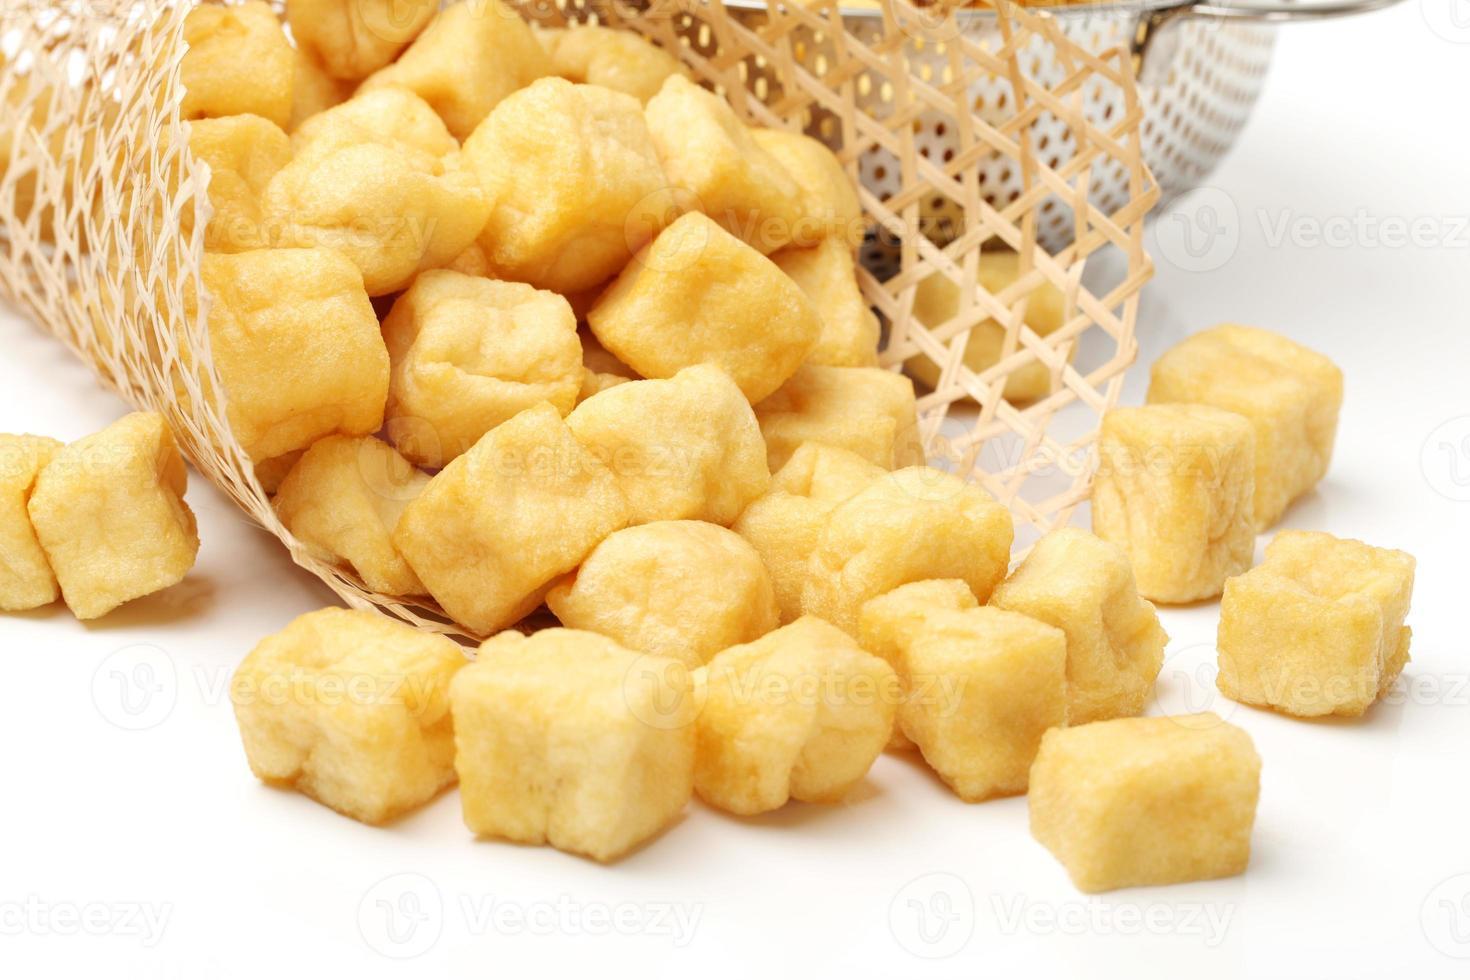 burbuja de tofu foto